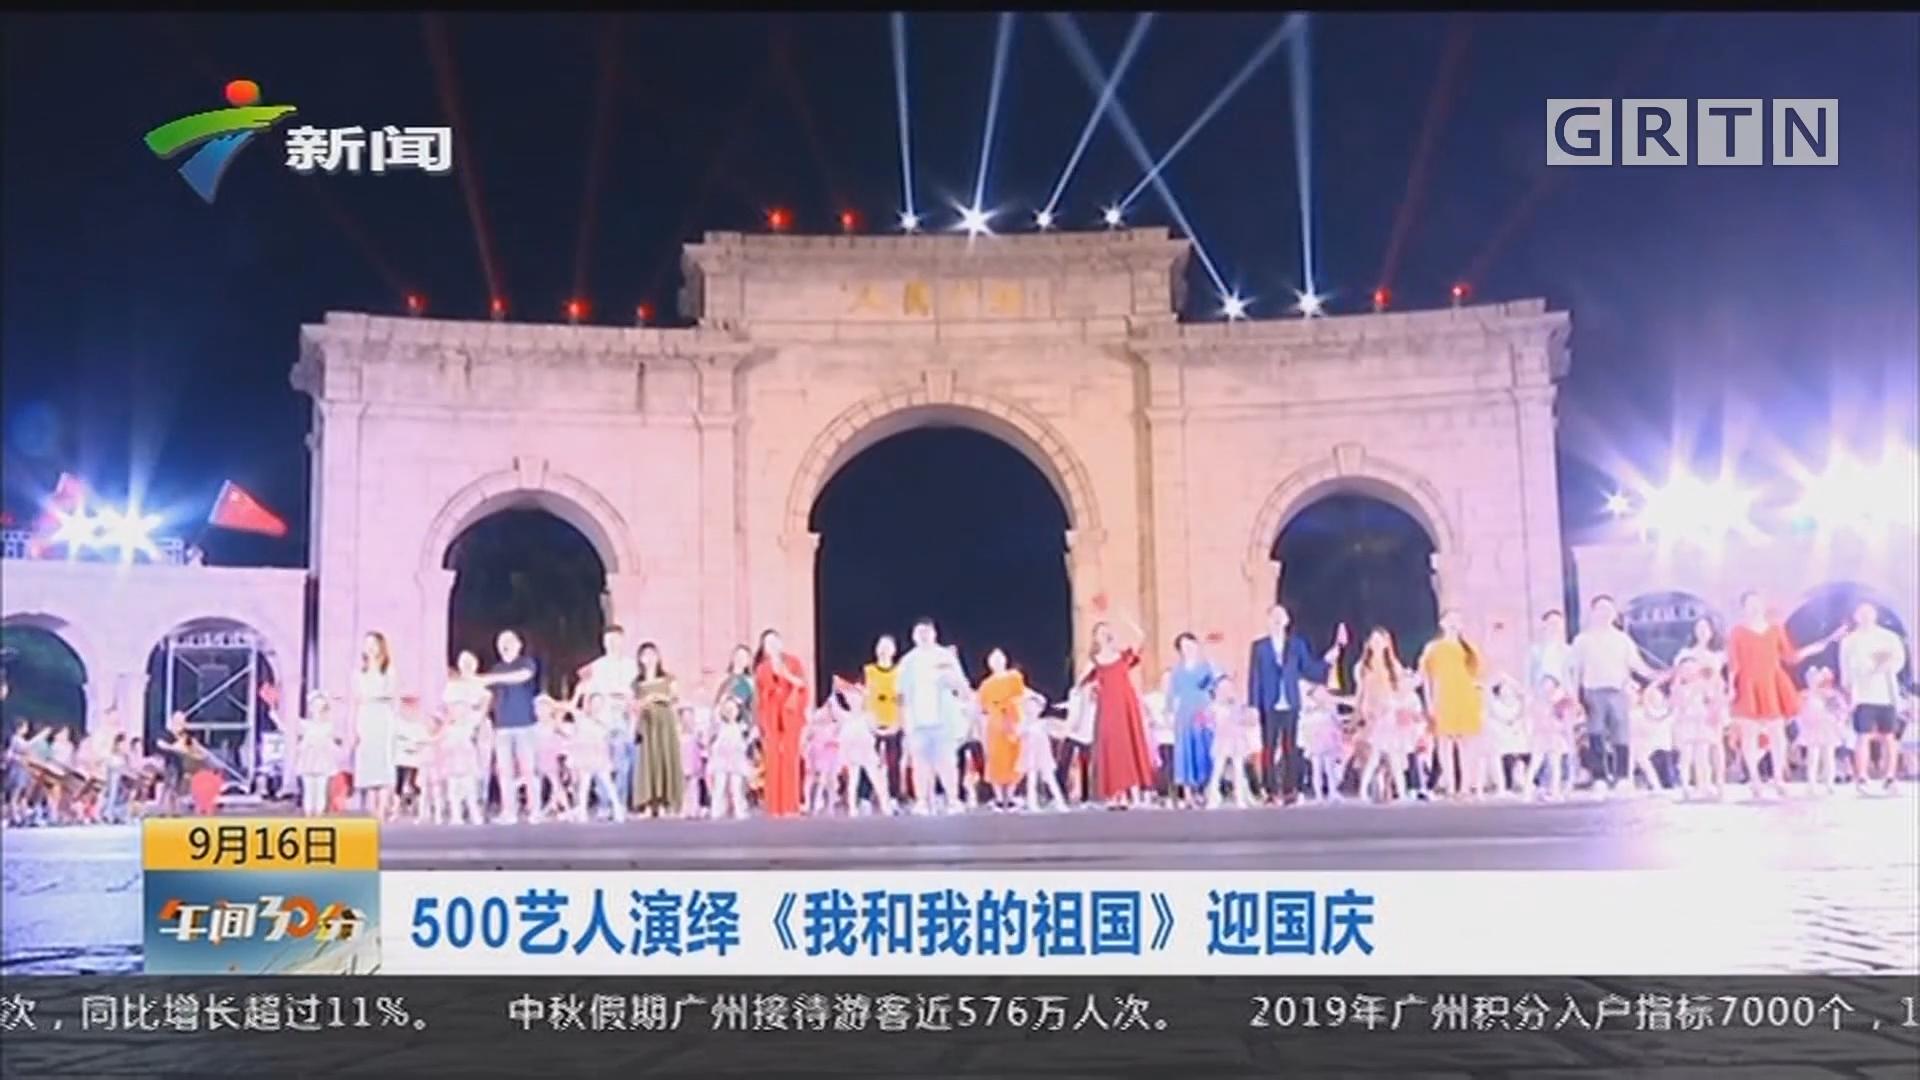 500艺人演绎《我和我的祖国》迎国庆